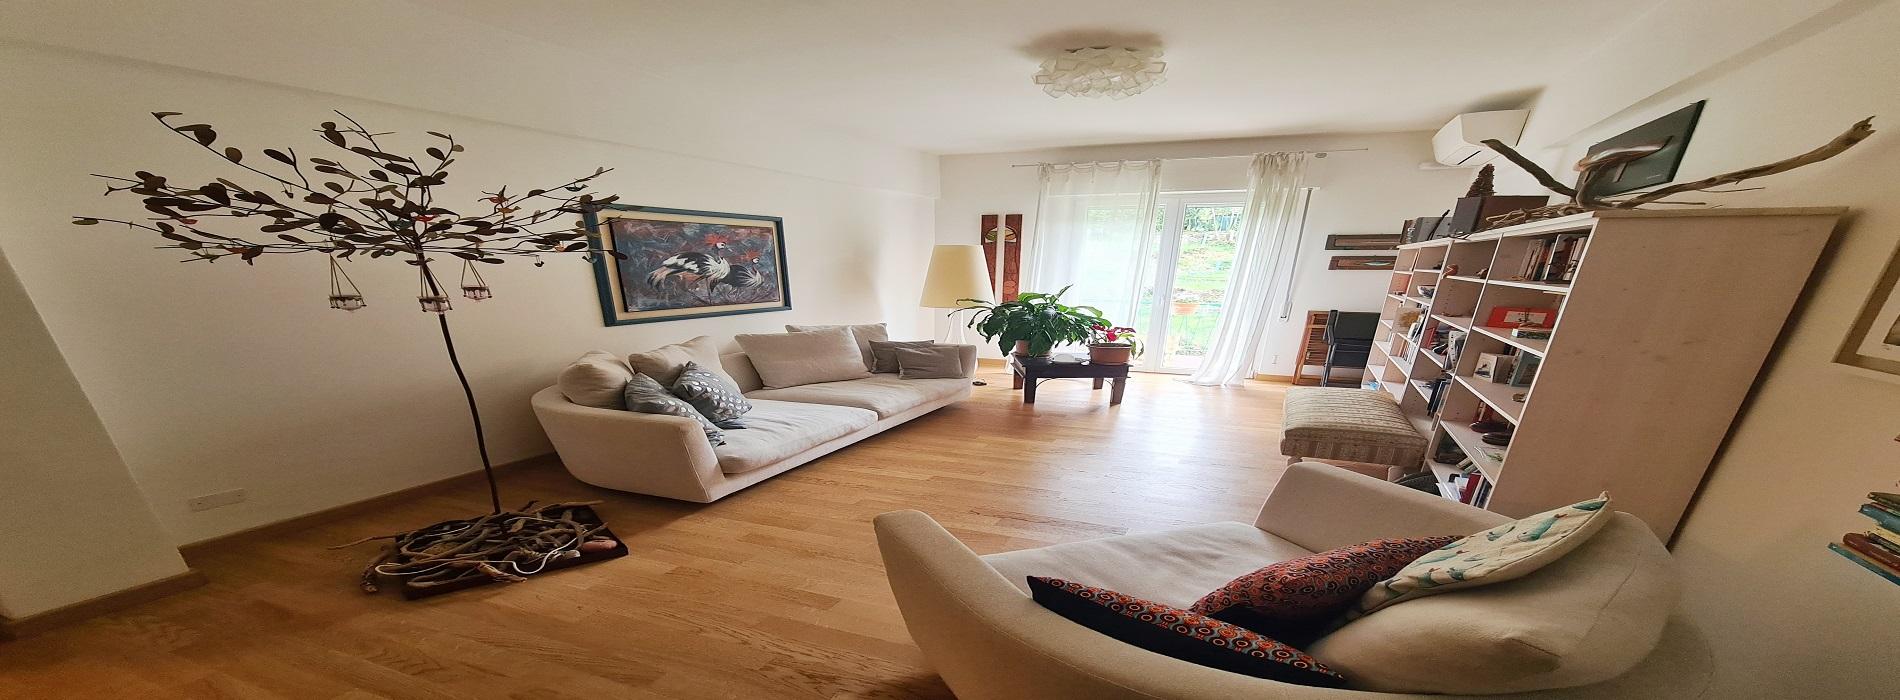 BORGORATTI ( VIA ANTONIO CEI) Vendesi appartamento di 103 mq.